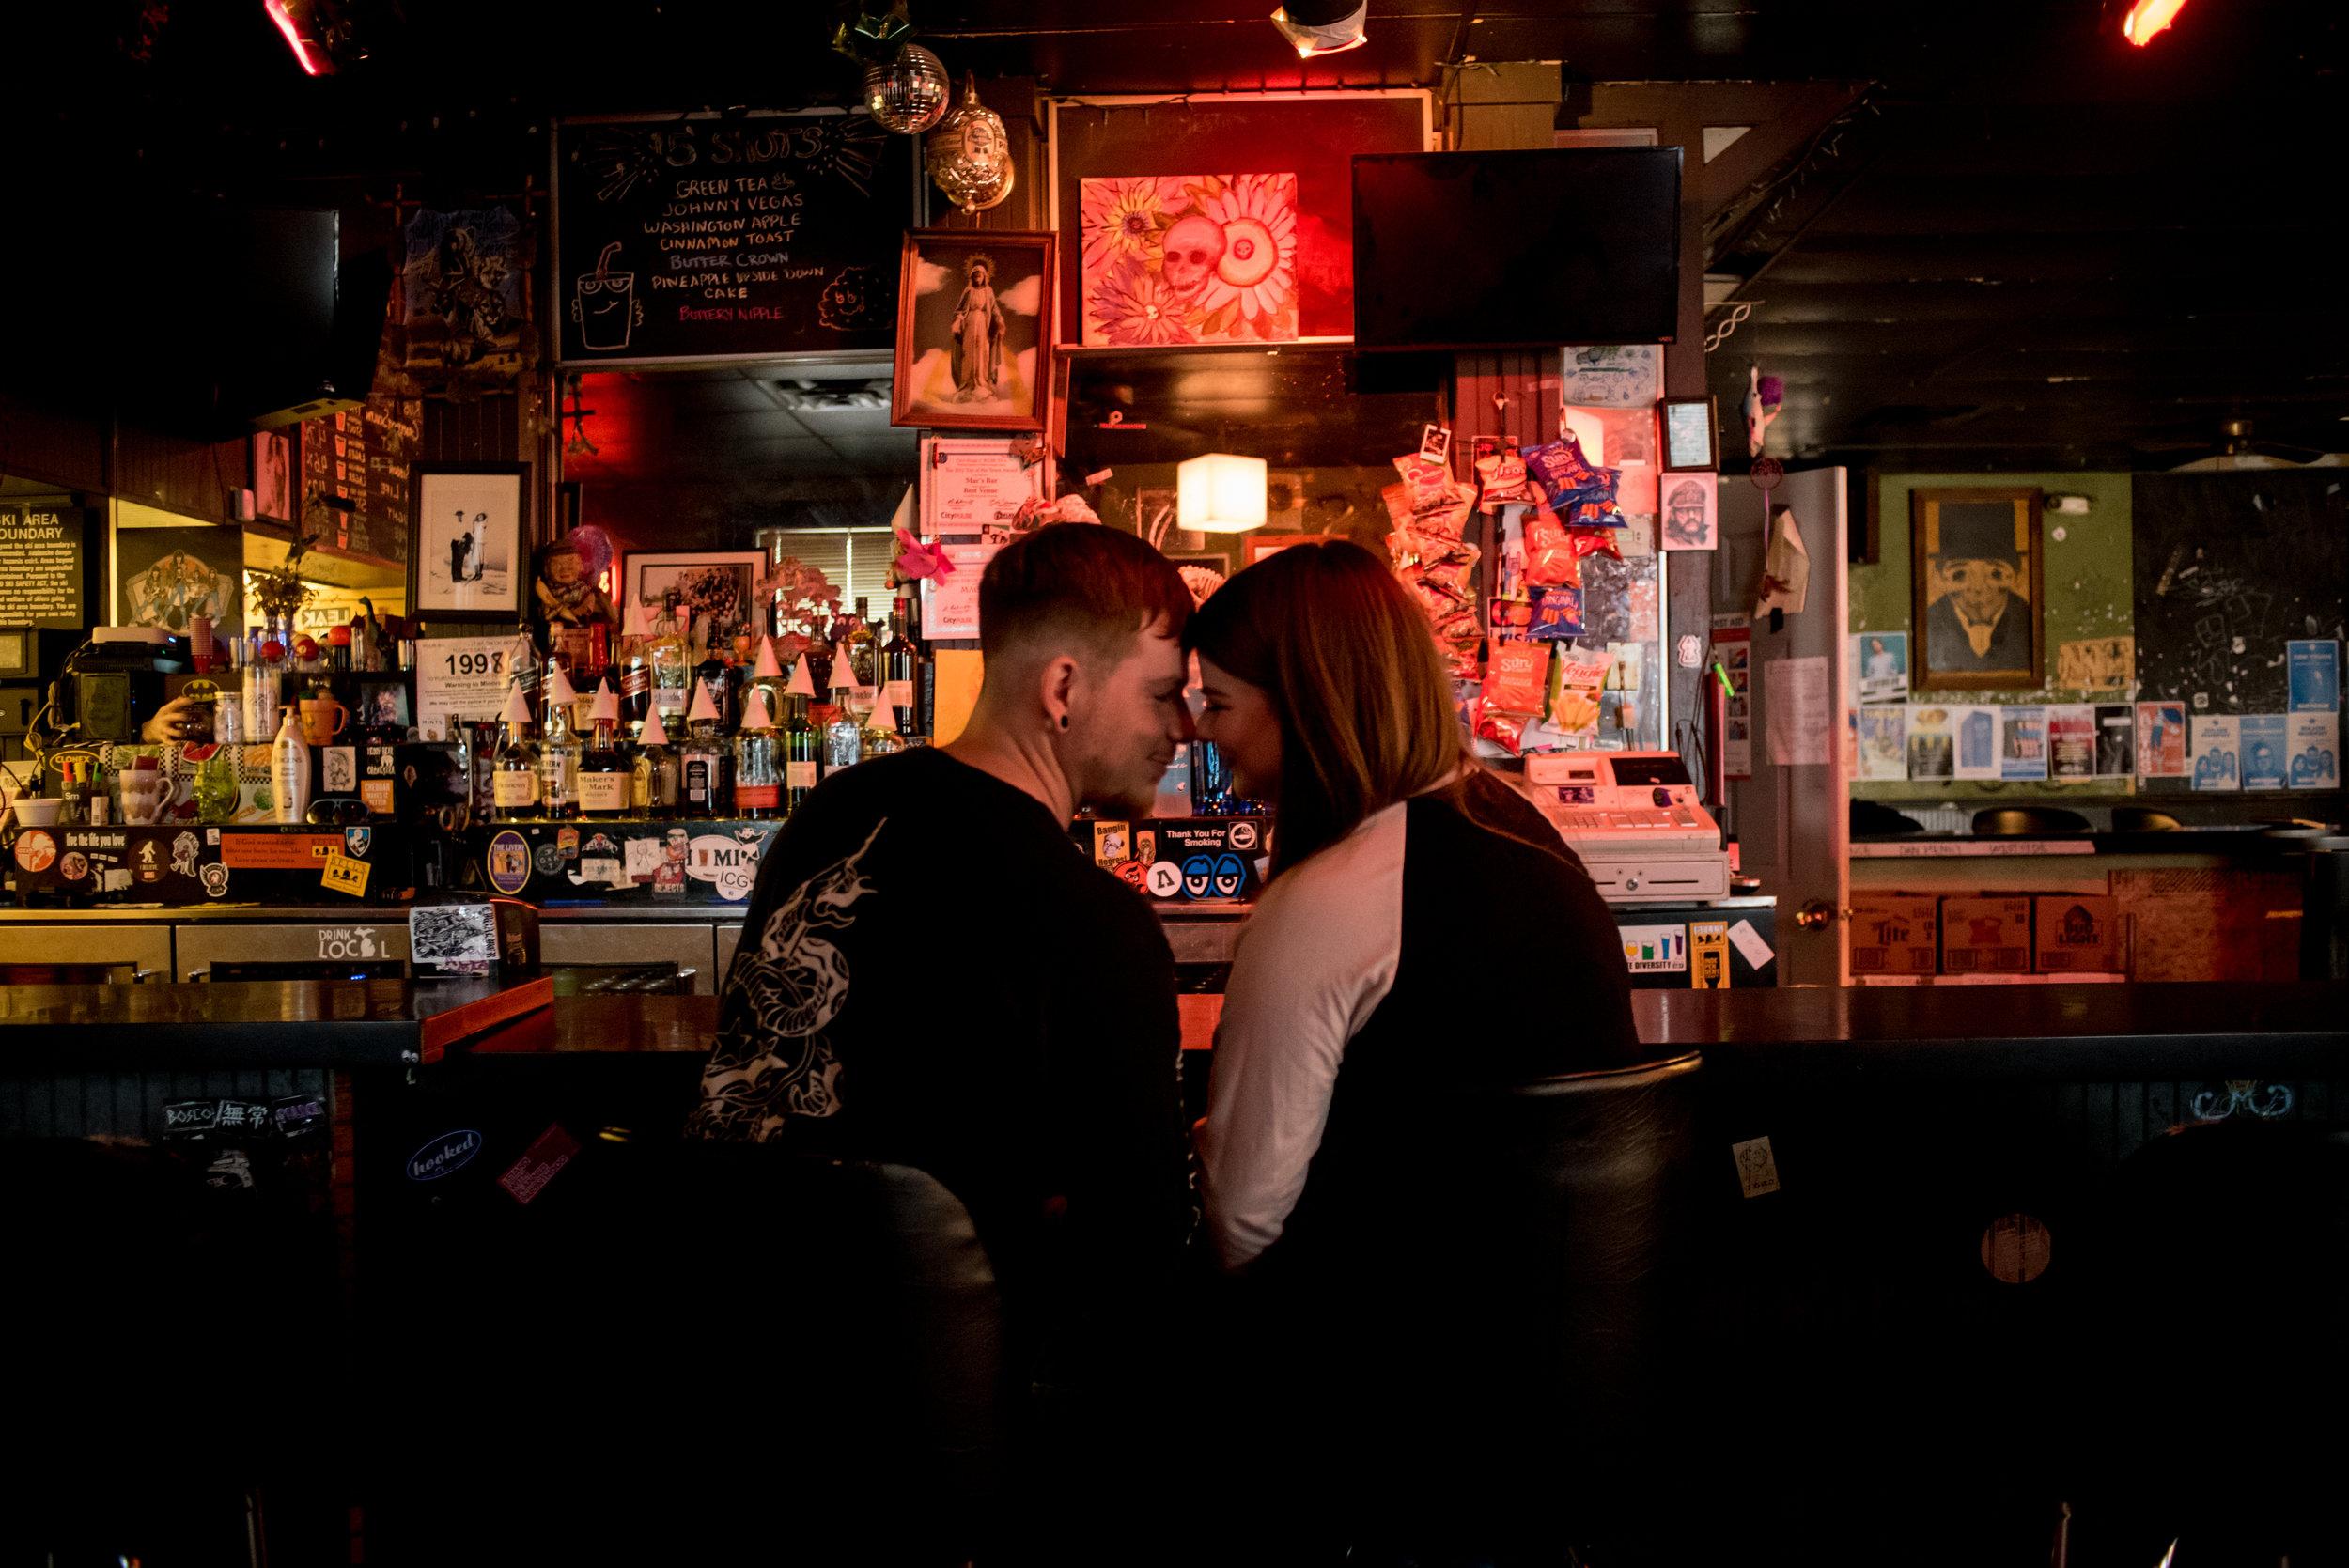 Mac's Bar Engagement, Lansing, Michigan